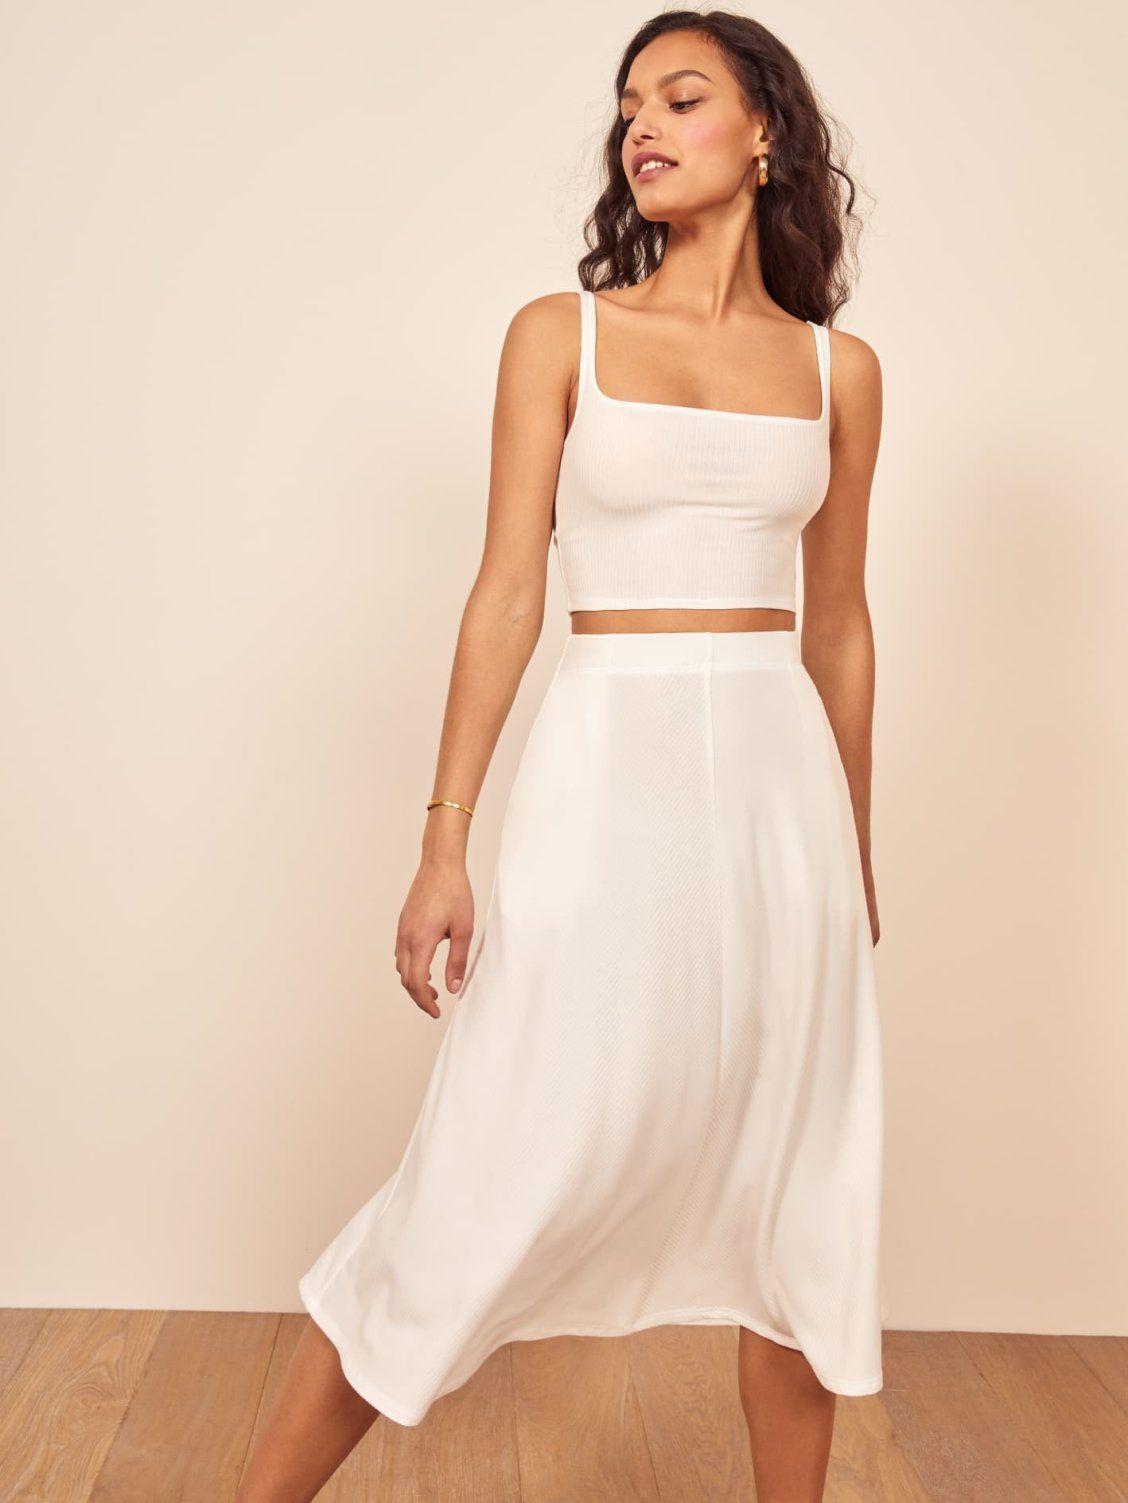 Fern Dress Two Piece Dress Piece Dress Reformation Dress [ 1503 x 1128 Pixel ]